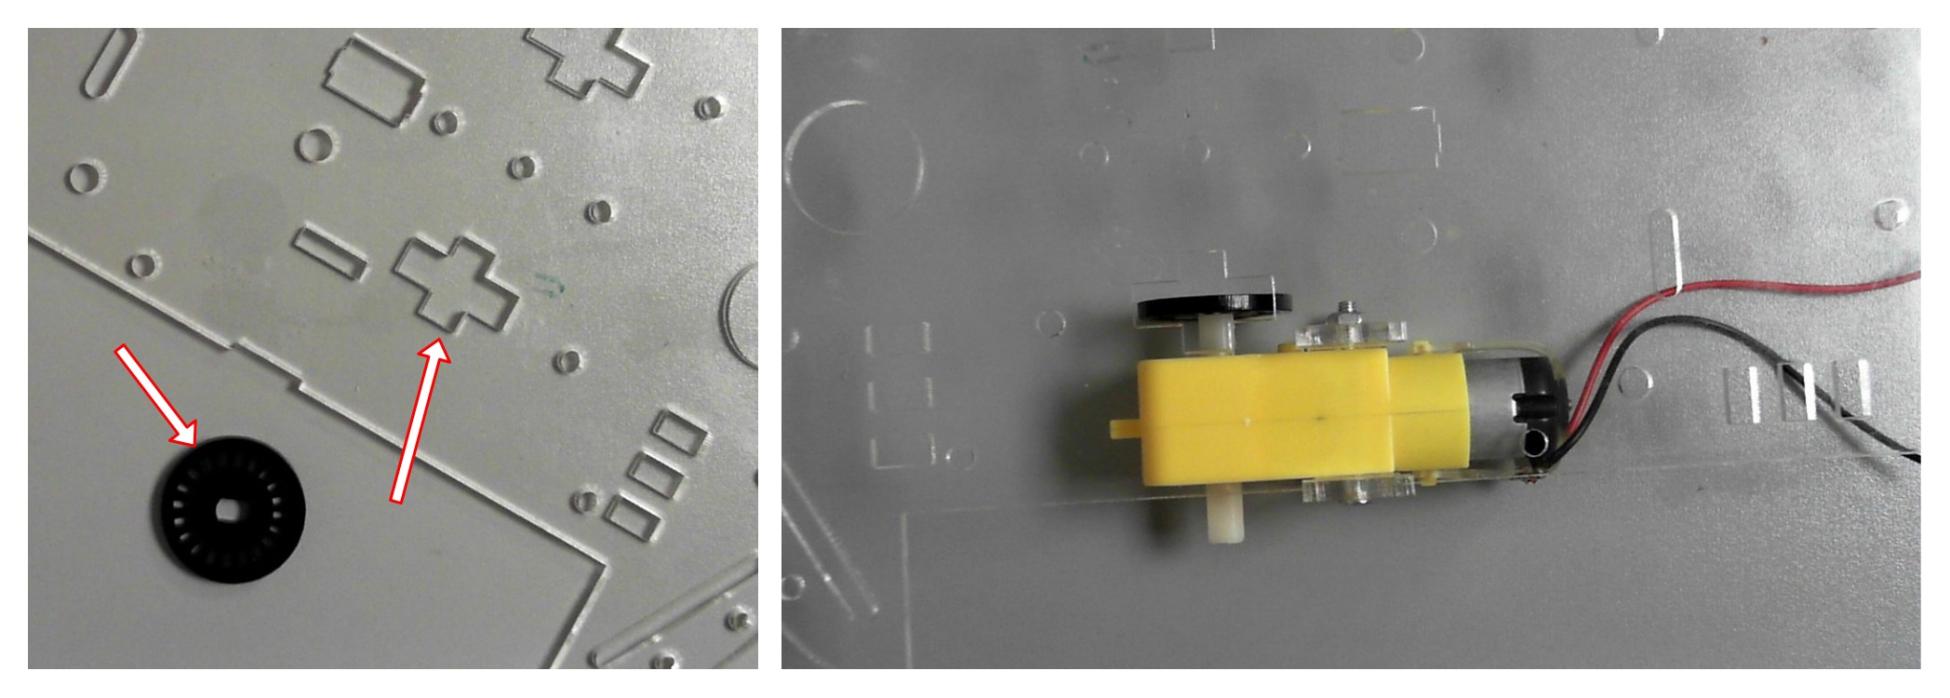 Encoder wheel and slot close up